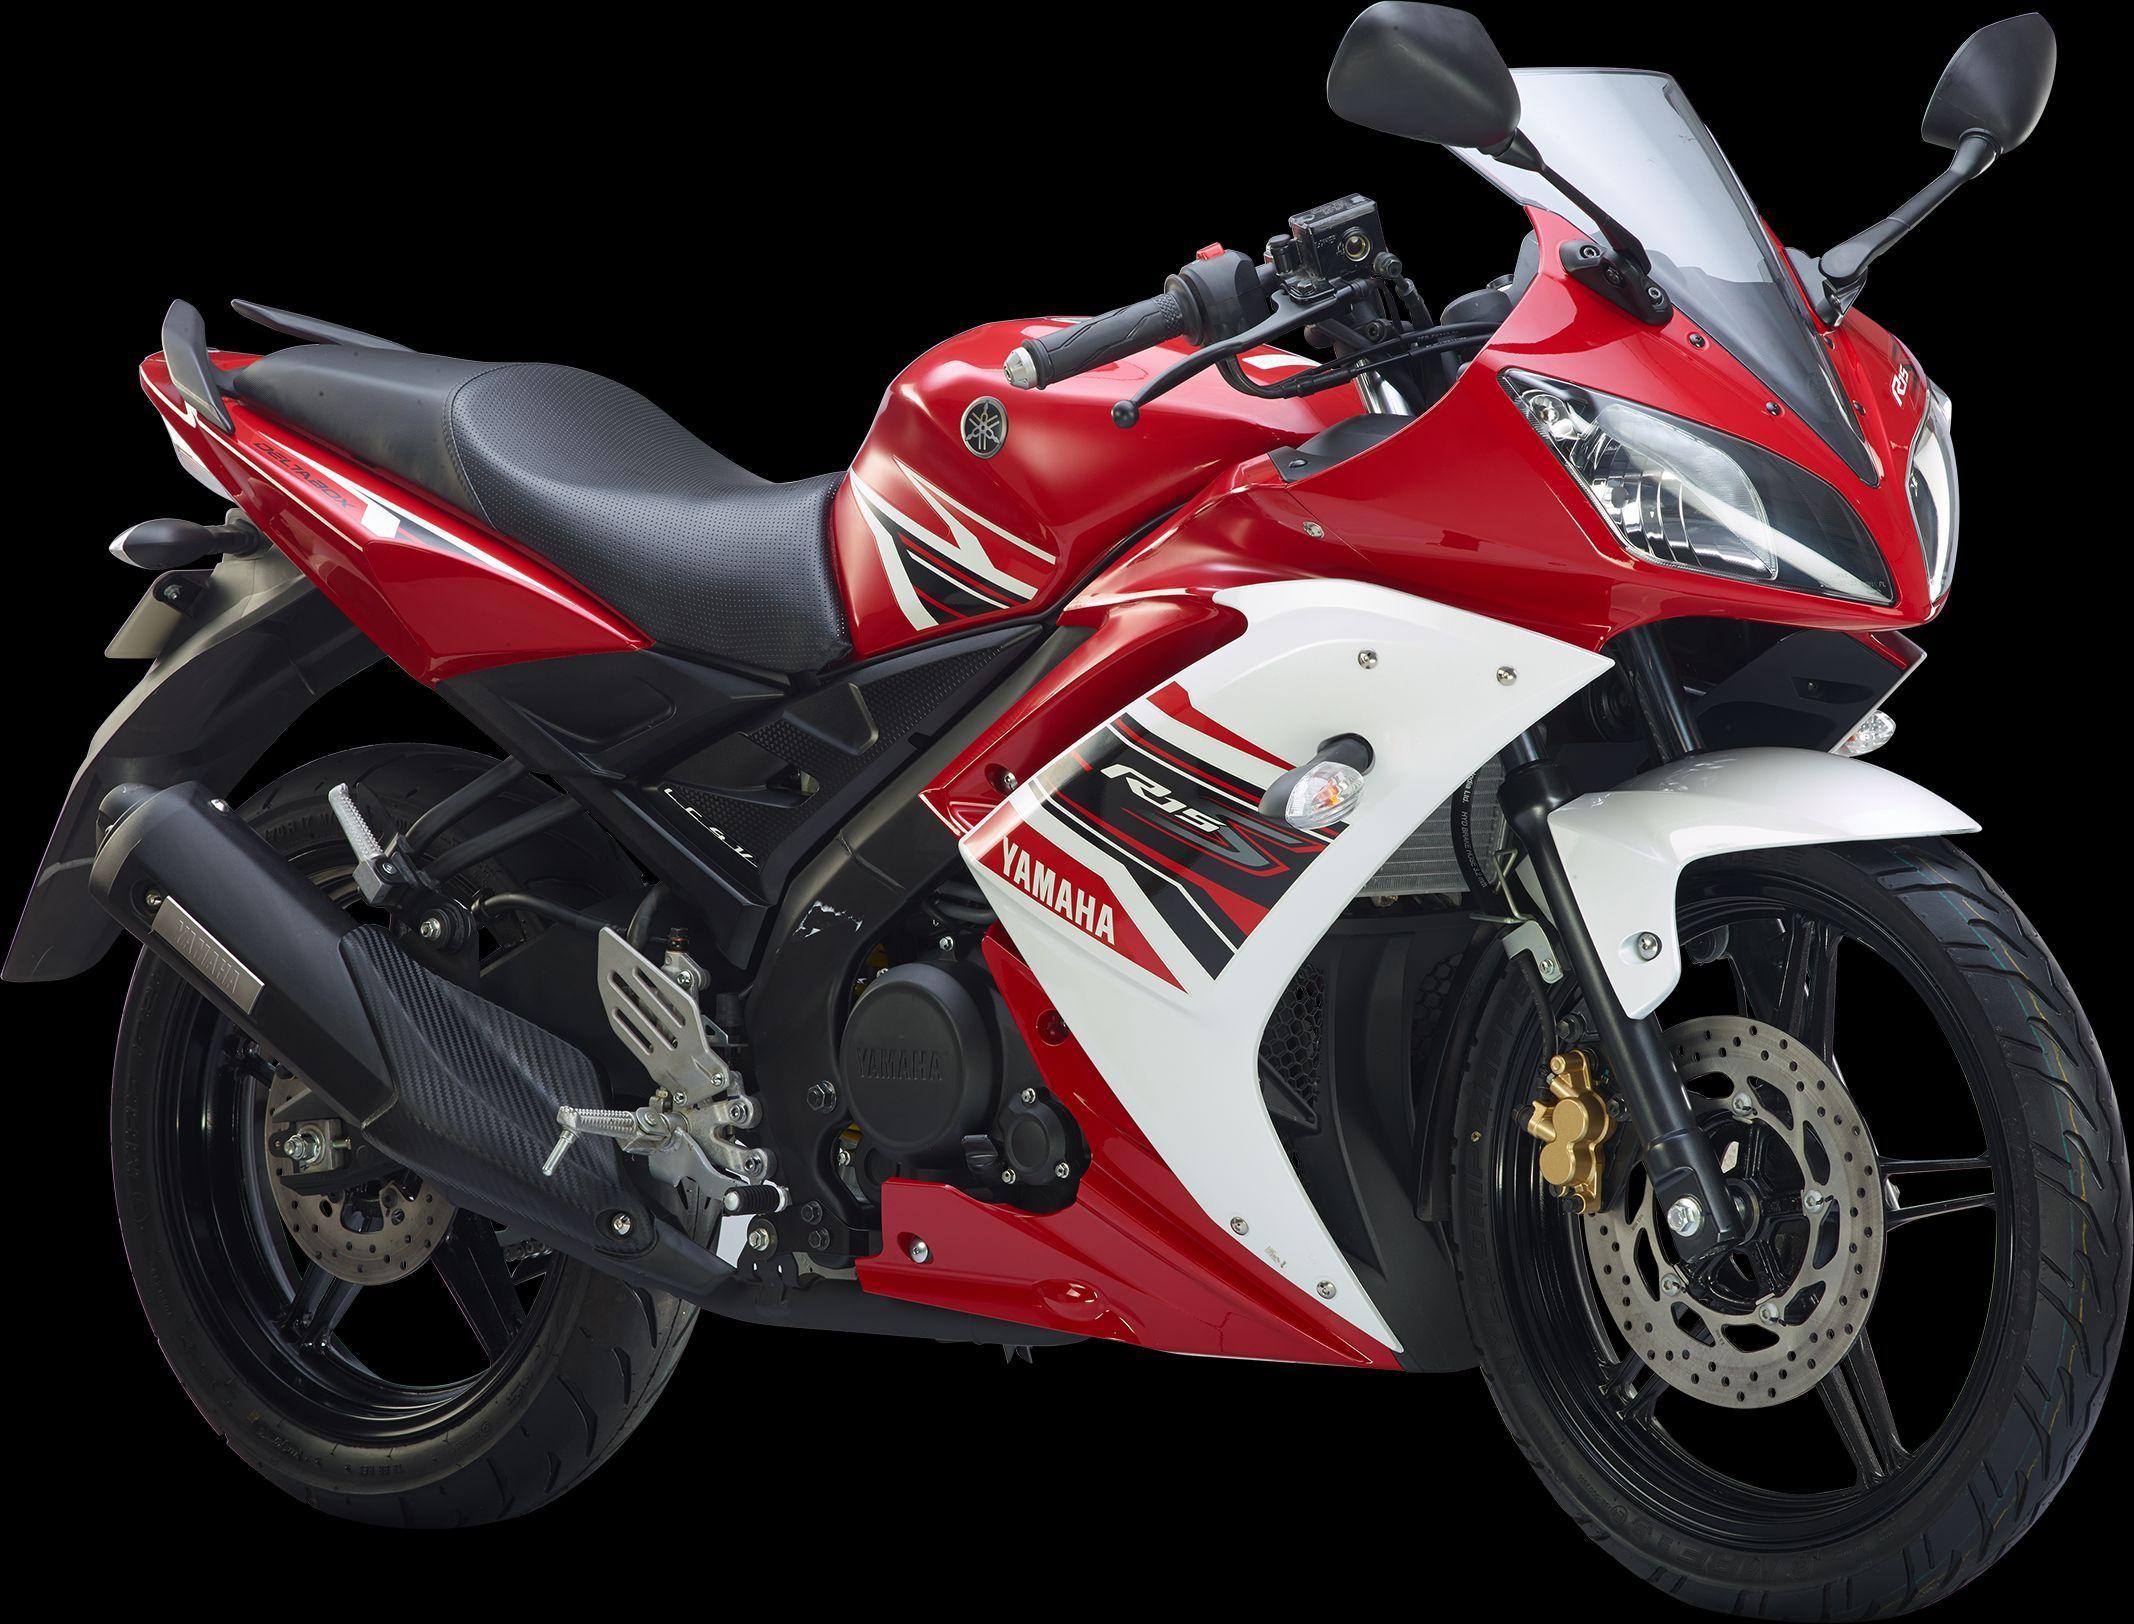 Yamaha motorcycle gloves india - Yamaha Yzf R15s Overview Yamaha Yzf R15s Price Yamaha Yzf R15s Cc Average